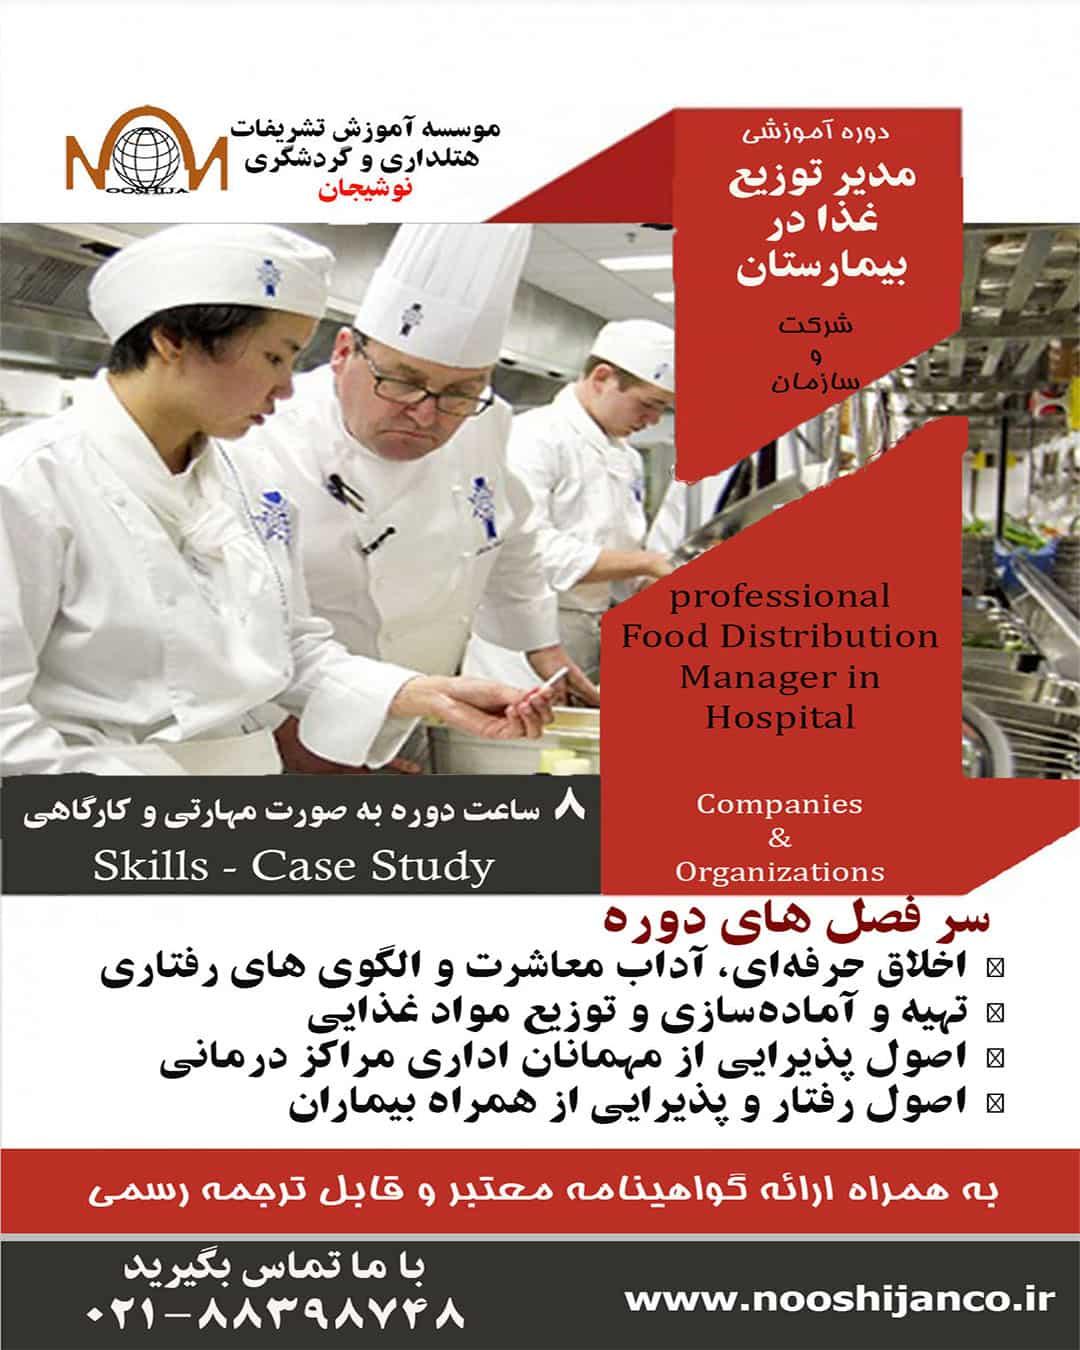 مواد غذایی در بیمارستان min - لیست دوره های آموزشی منابع انسانی